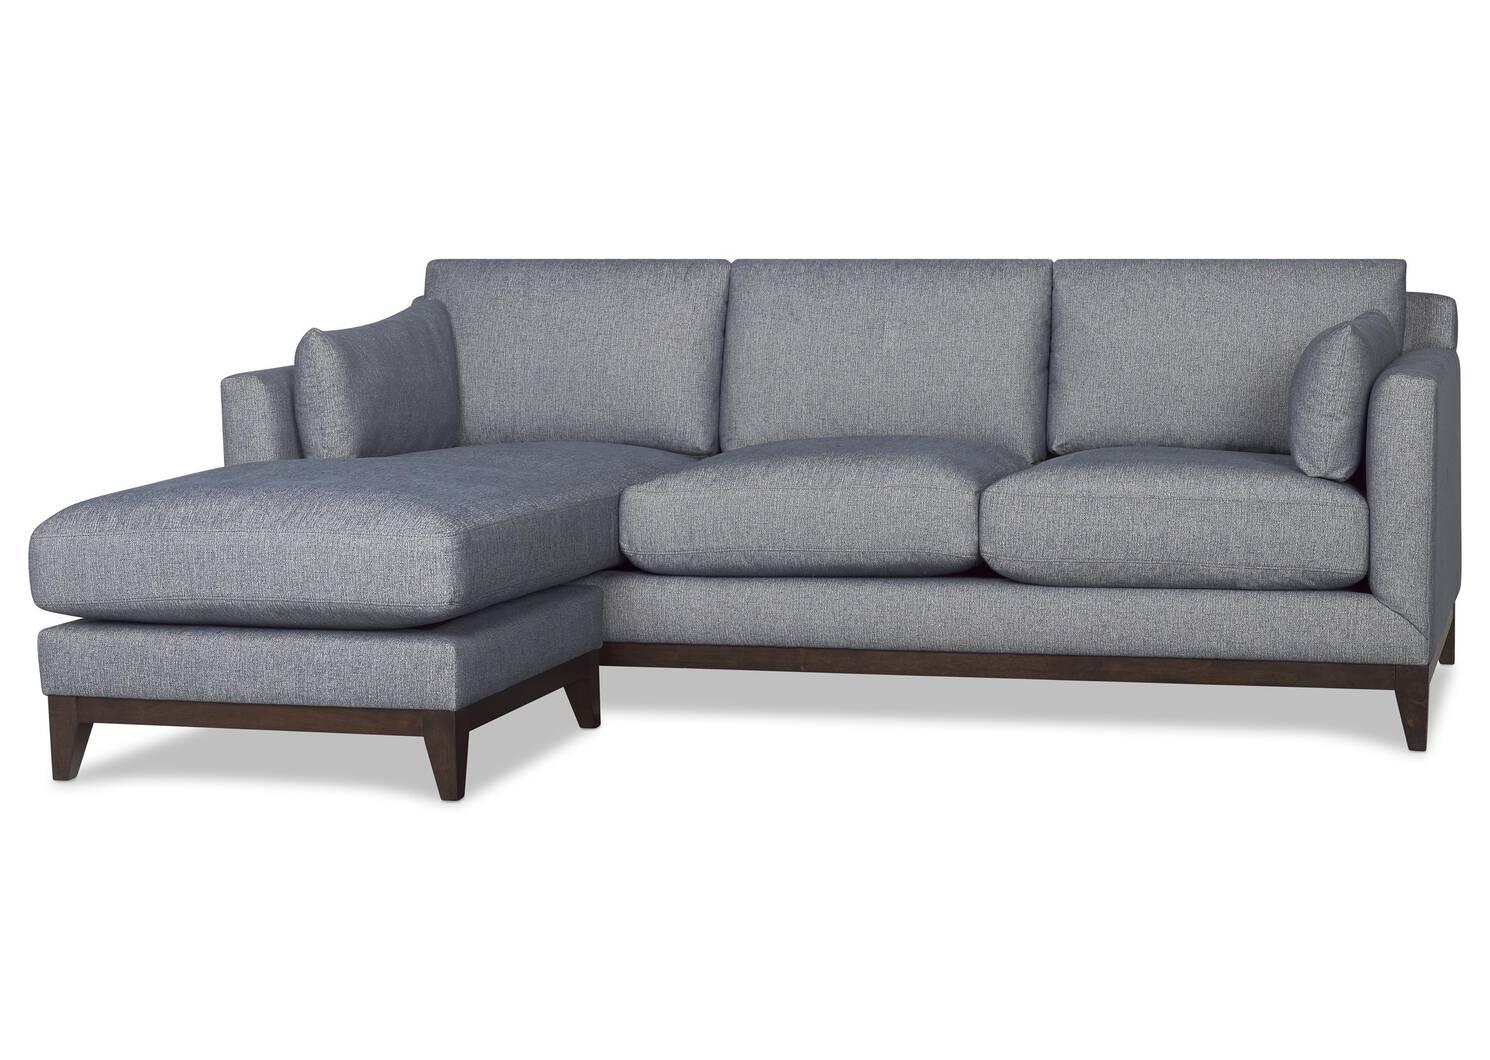 Canapé d'angle Ryerson -Rogan Pacifique